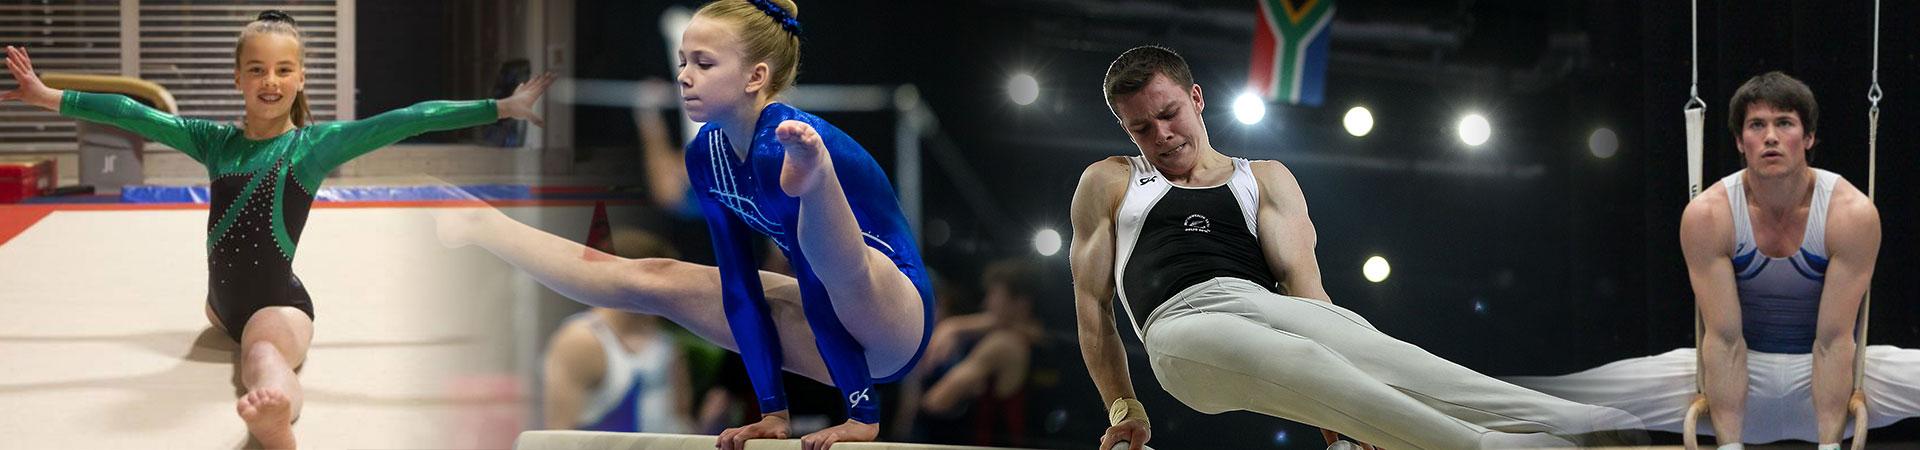 gymnastics-nz